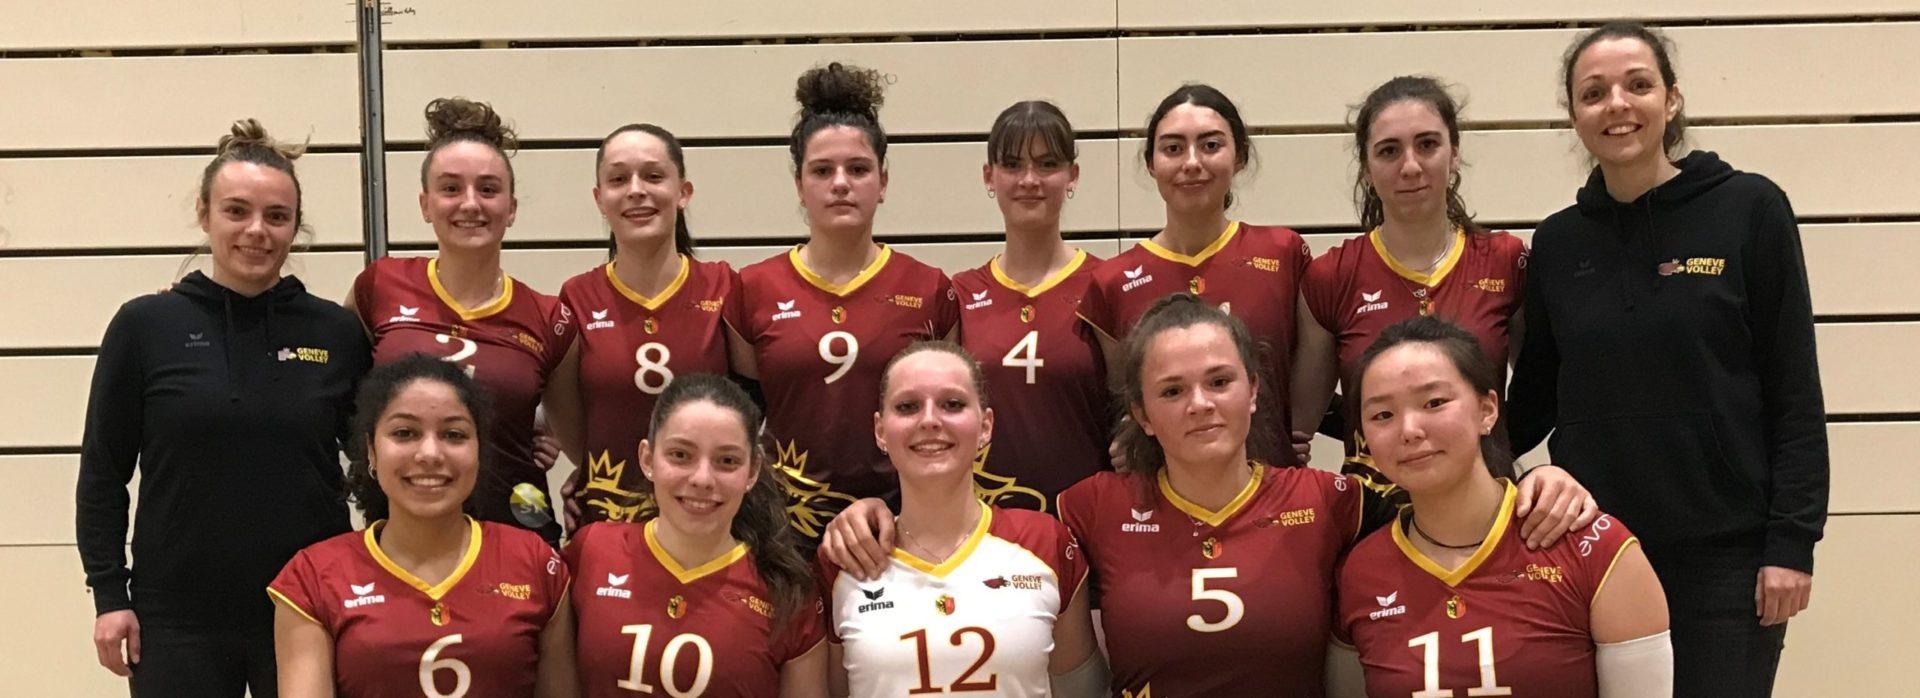 Le Genève Volley qualifié pour les CHS U19 !